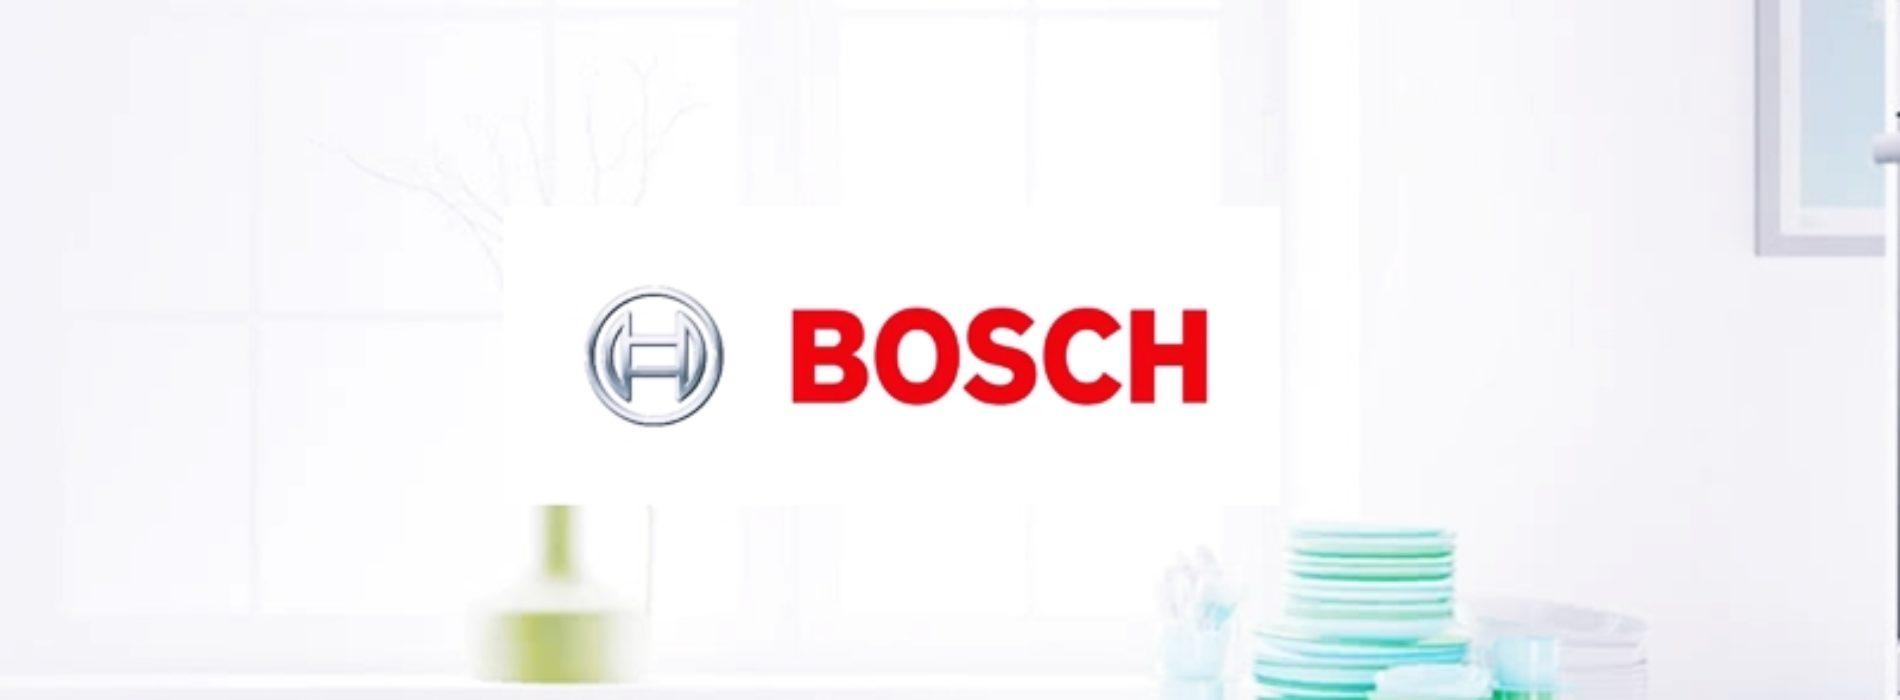 İstanbul'da Güvenilir Bosch Servis'in Tek Adresi